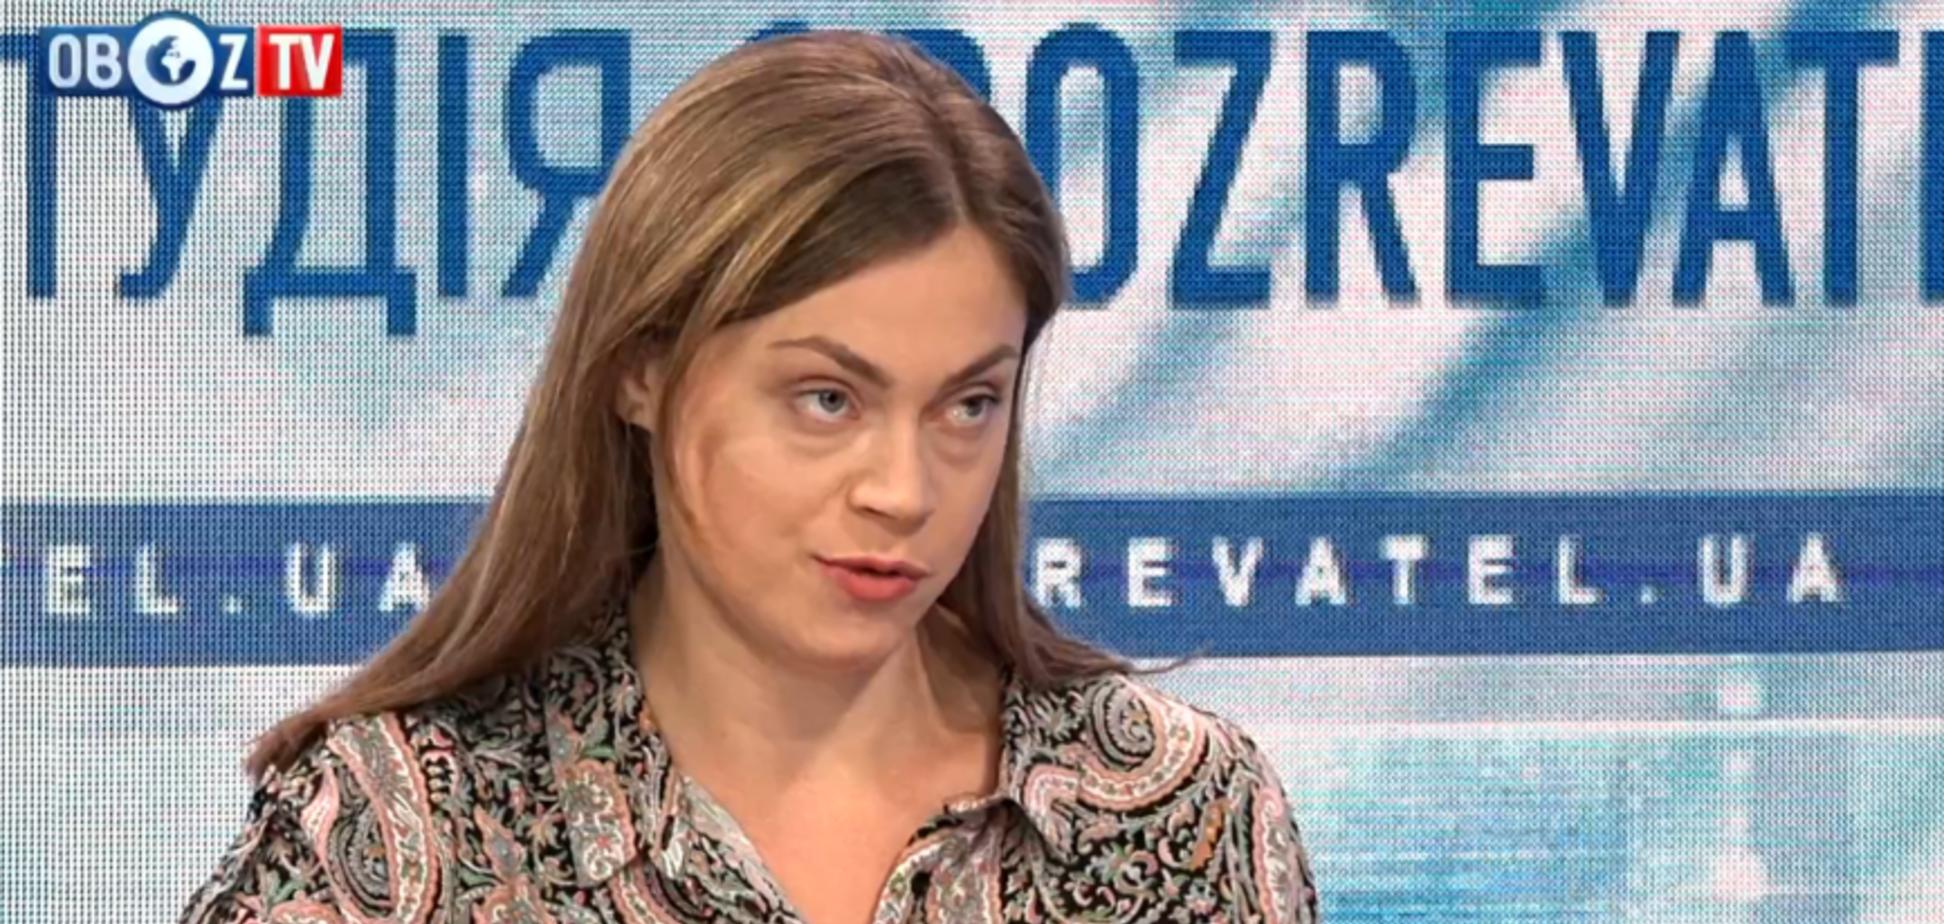 Бранці Кремля: правозахисниця розповіла про ситуацію з полоненими українцями у Криму, на Донбасі і Росії